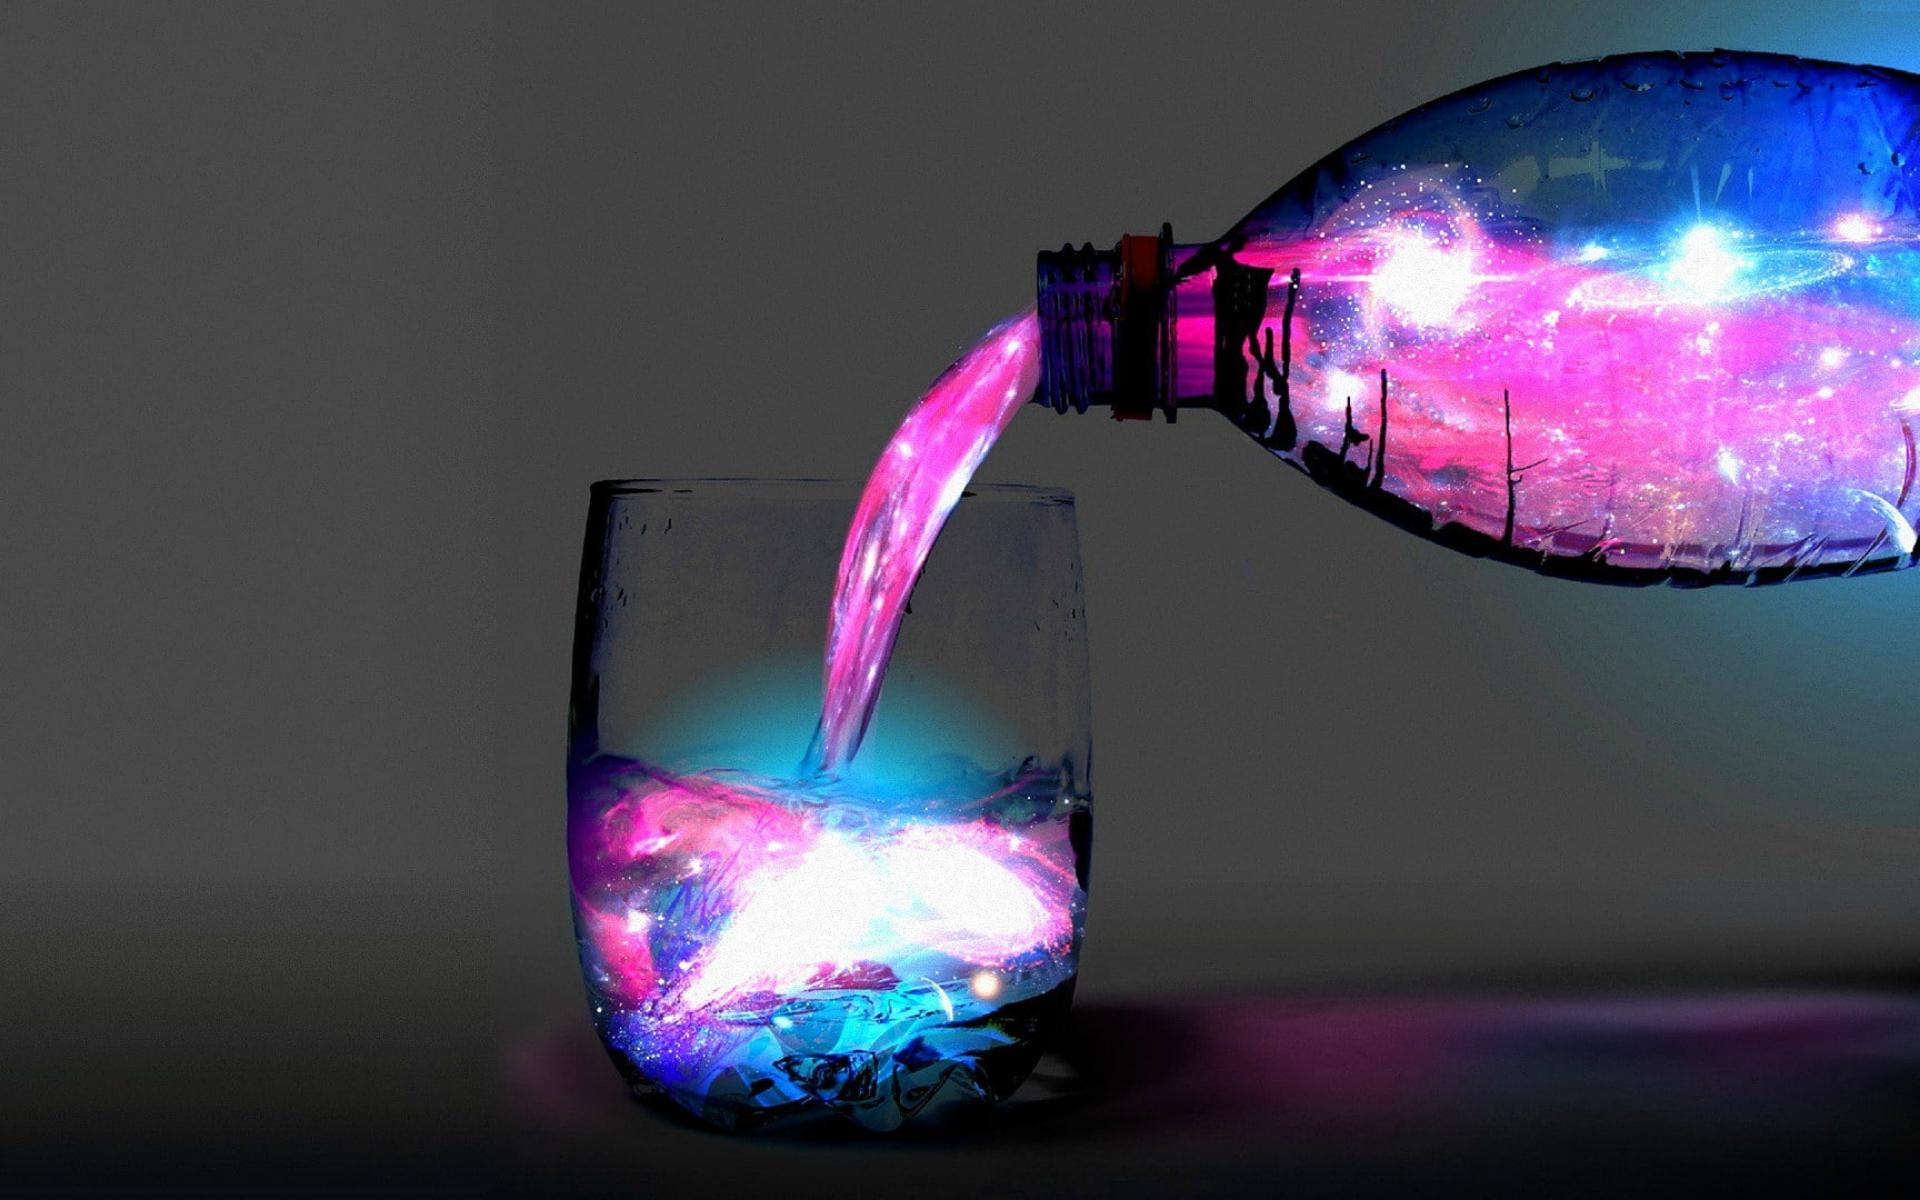 Картинка: Бутылка, стакан, вода, космическая